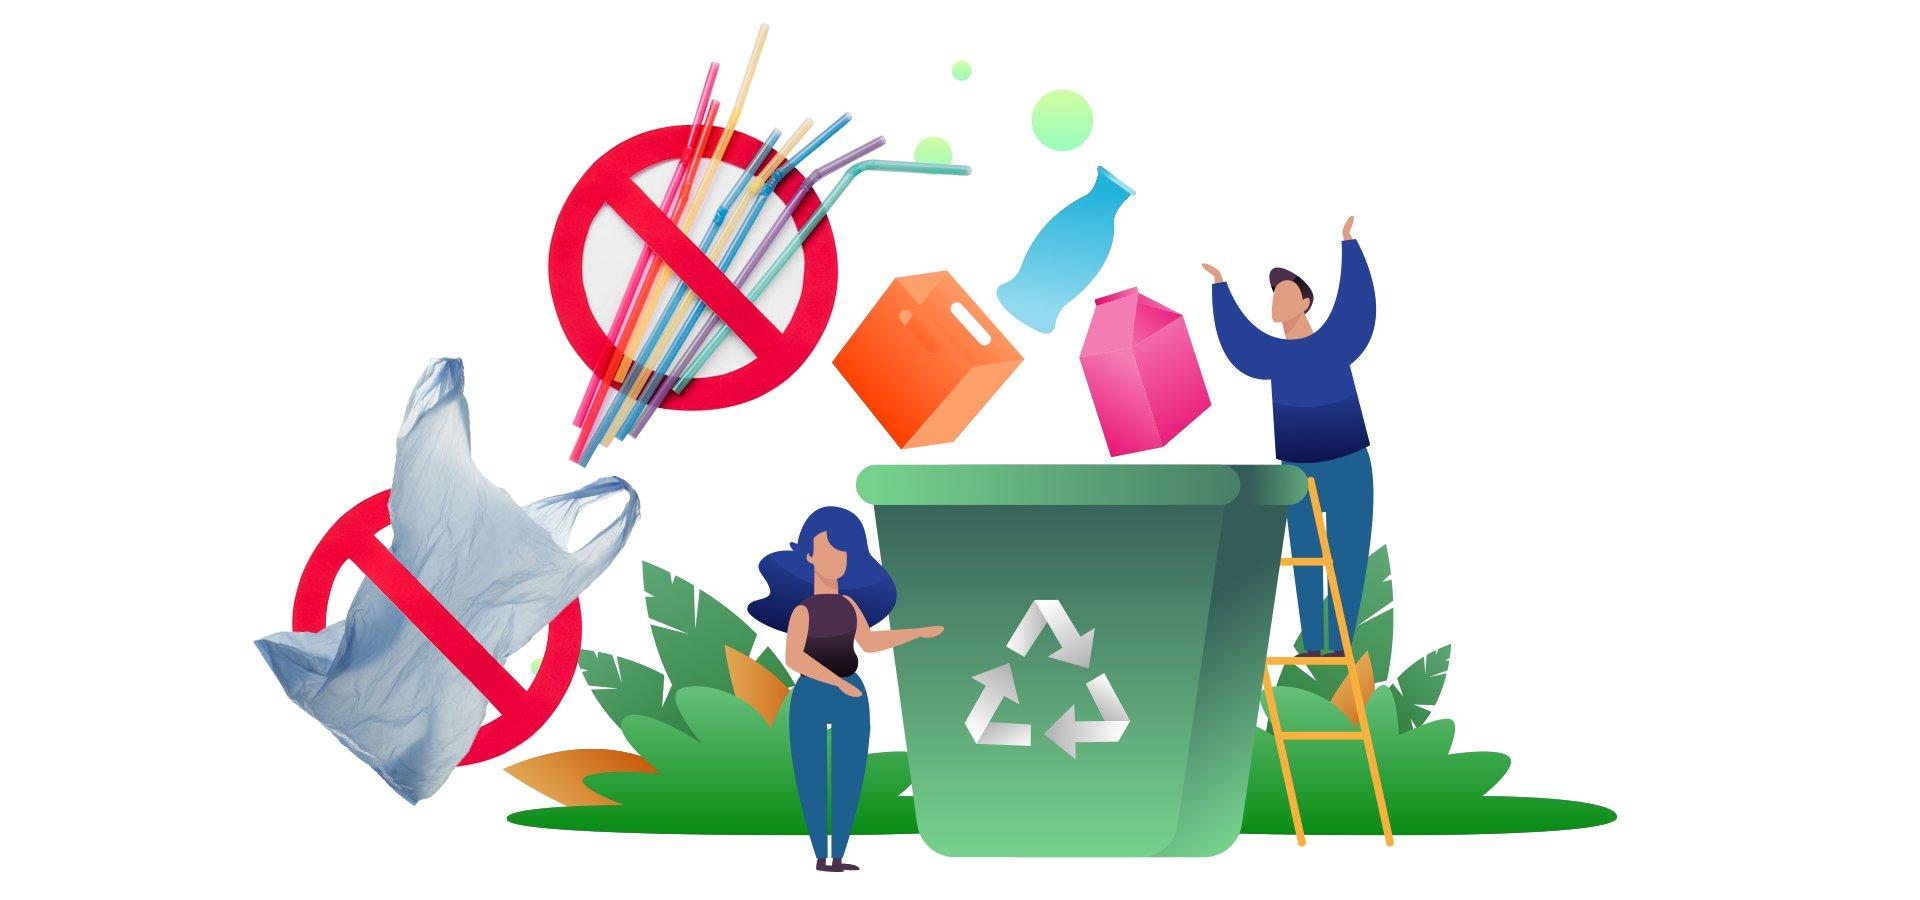 5 xu hướng tiêu dùng nở rộ năm 2019: Chiến dịch giảm nhựa nhận được sự quan tâm lớn - 4